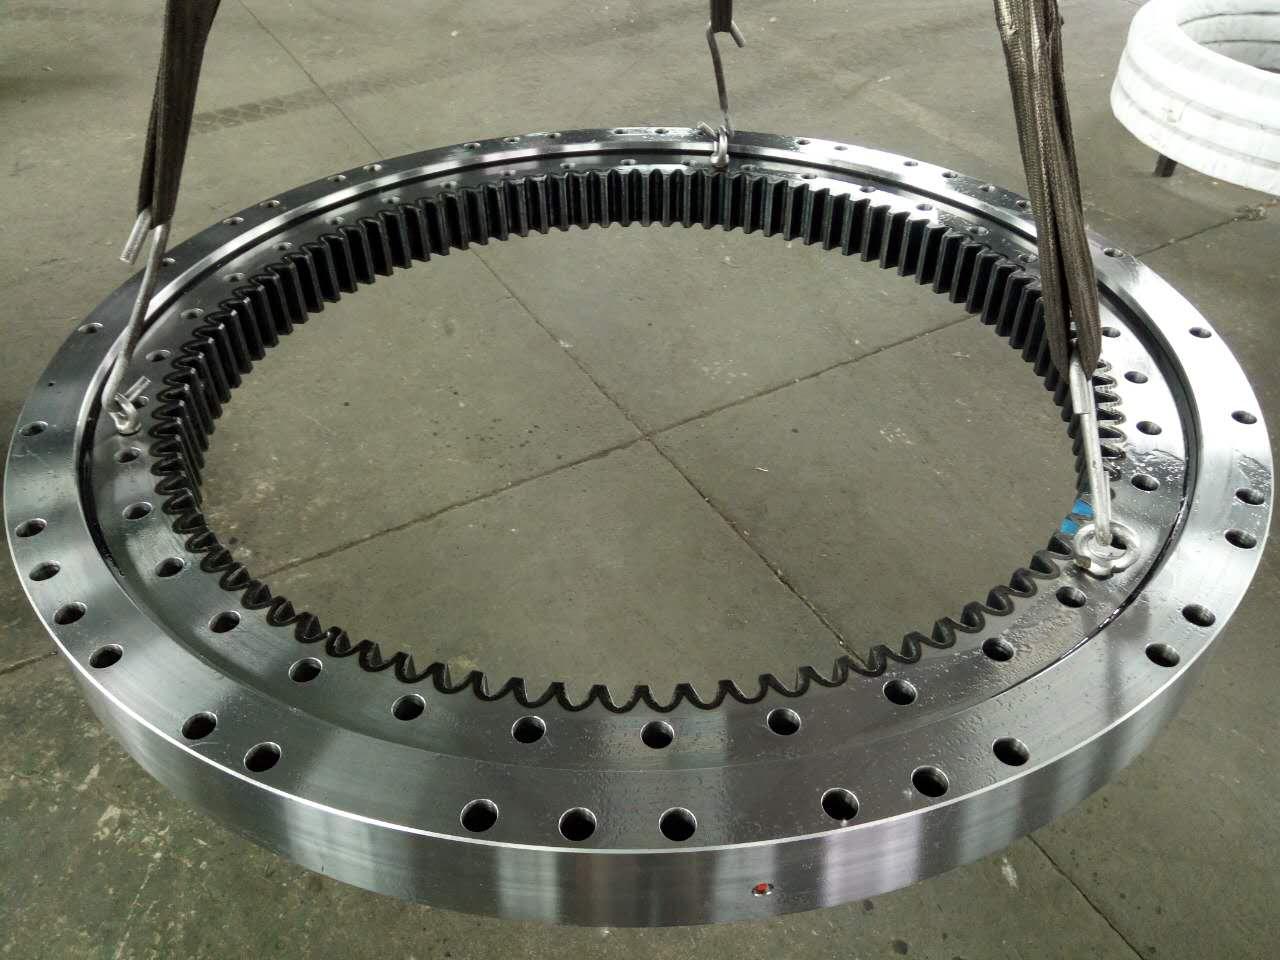 NK200 Kato Crane Slewing Bearing, NK200H Kato Crane Slewing Ring, NK250E Kato Crane Bearing